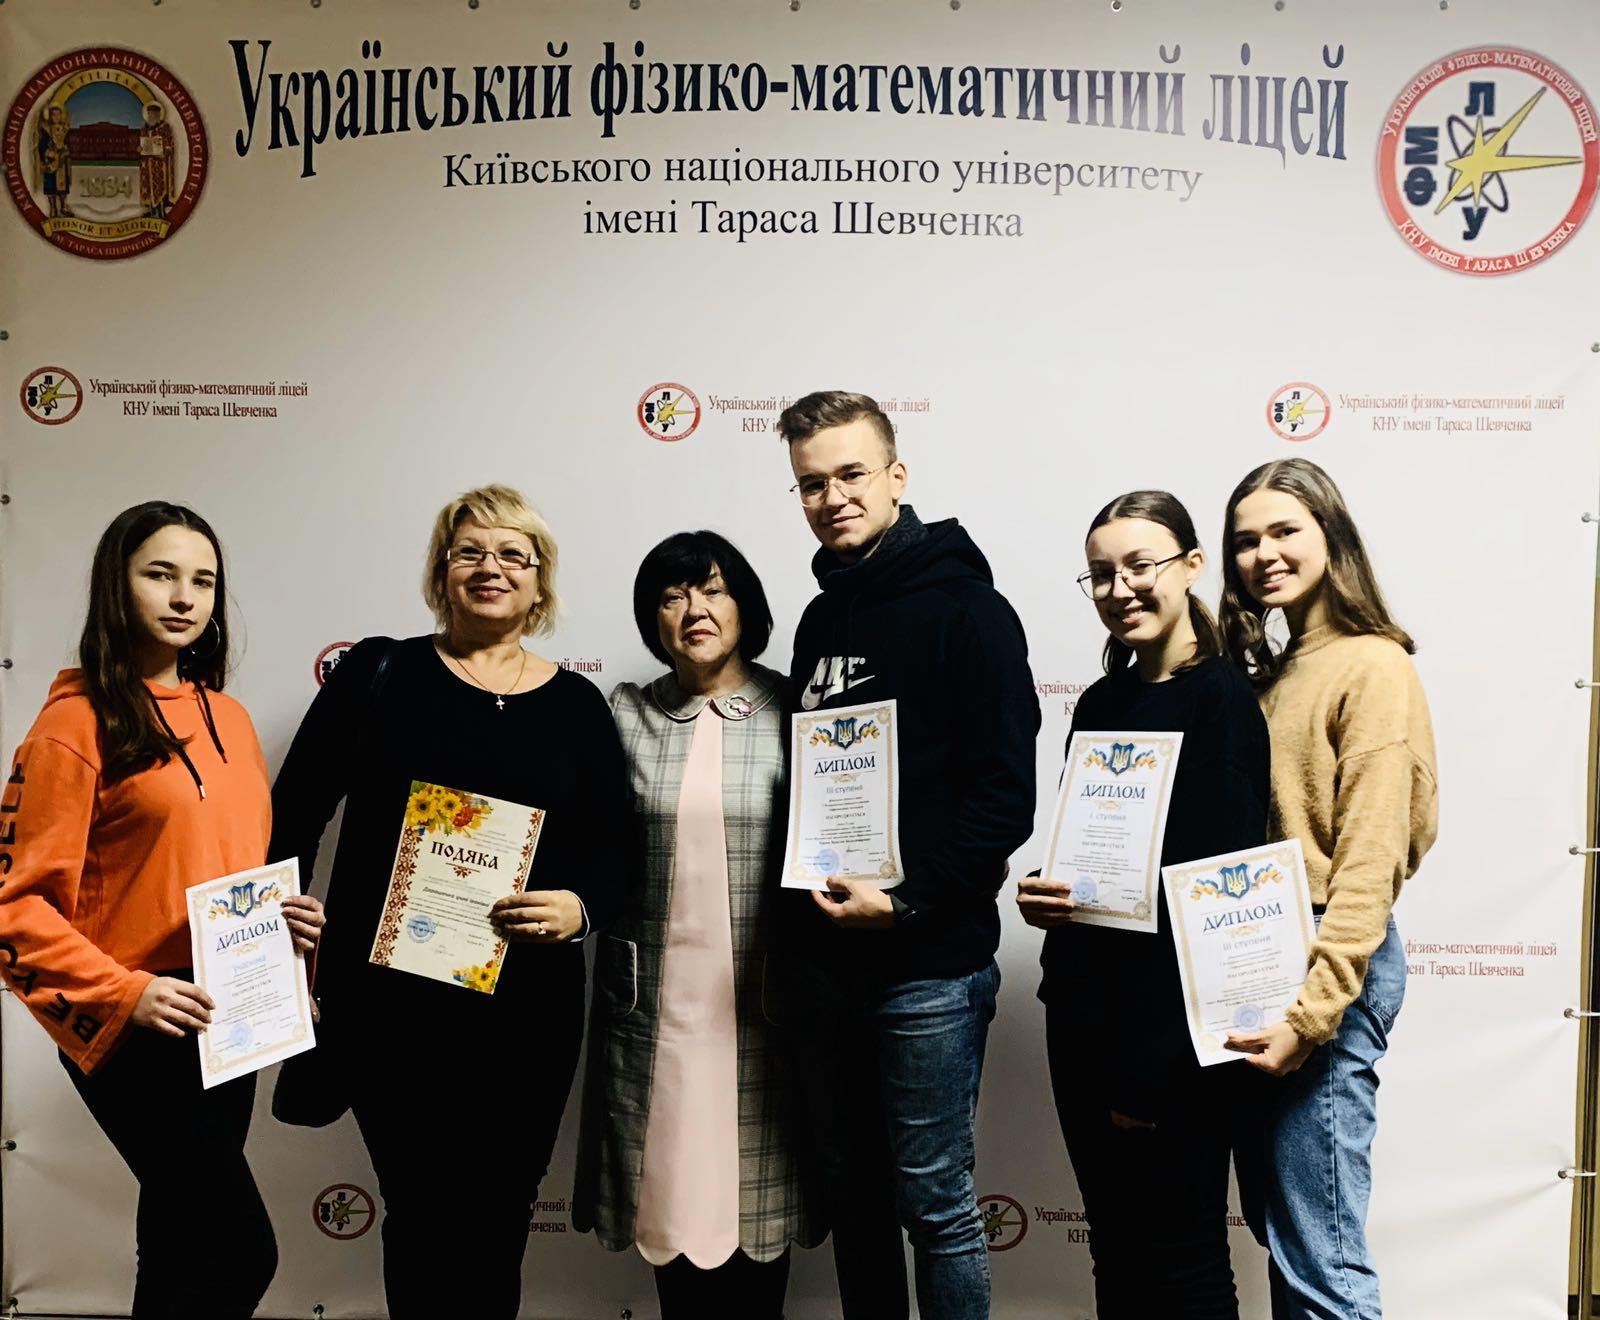 Анна Бондар з Франківська перемогла у Всеукраїнській Інтернет-олімпіаді 2